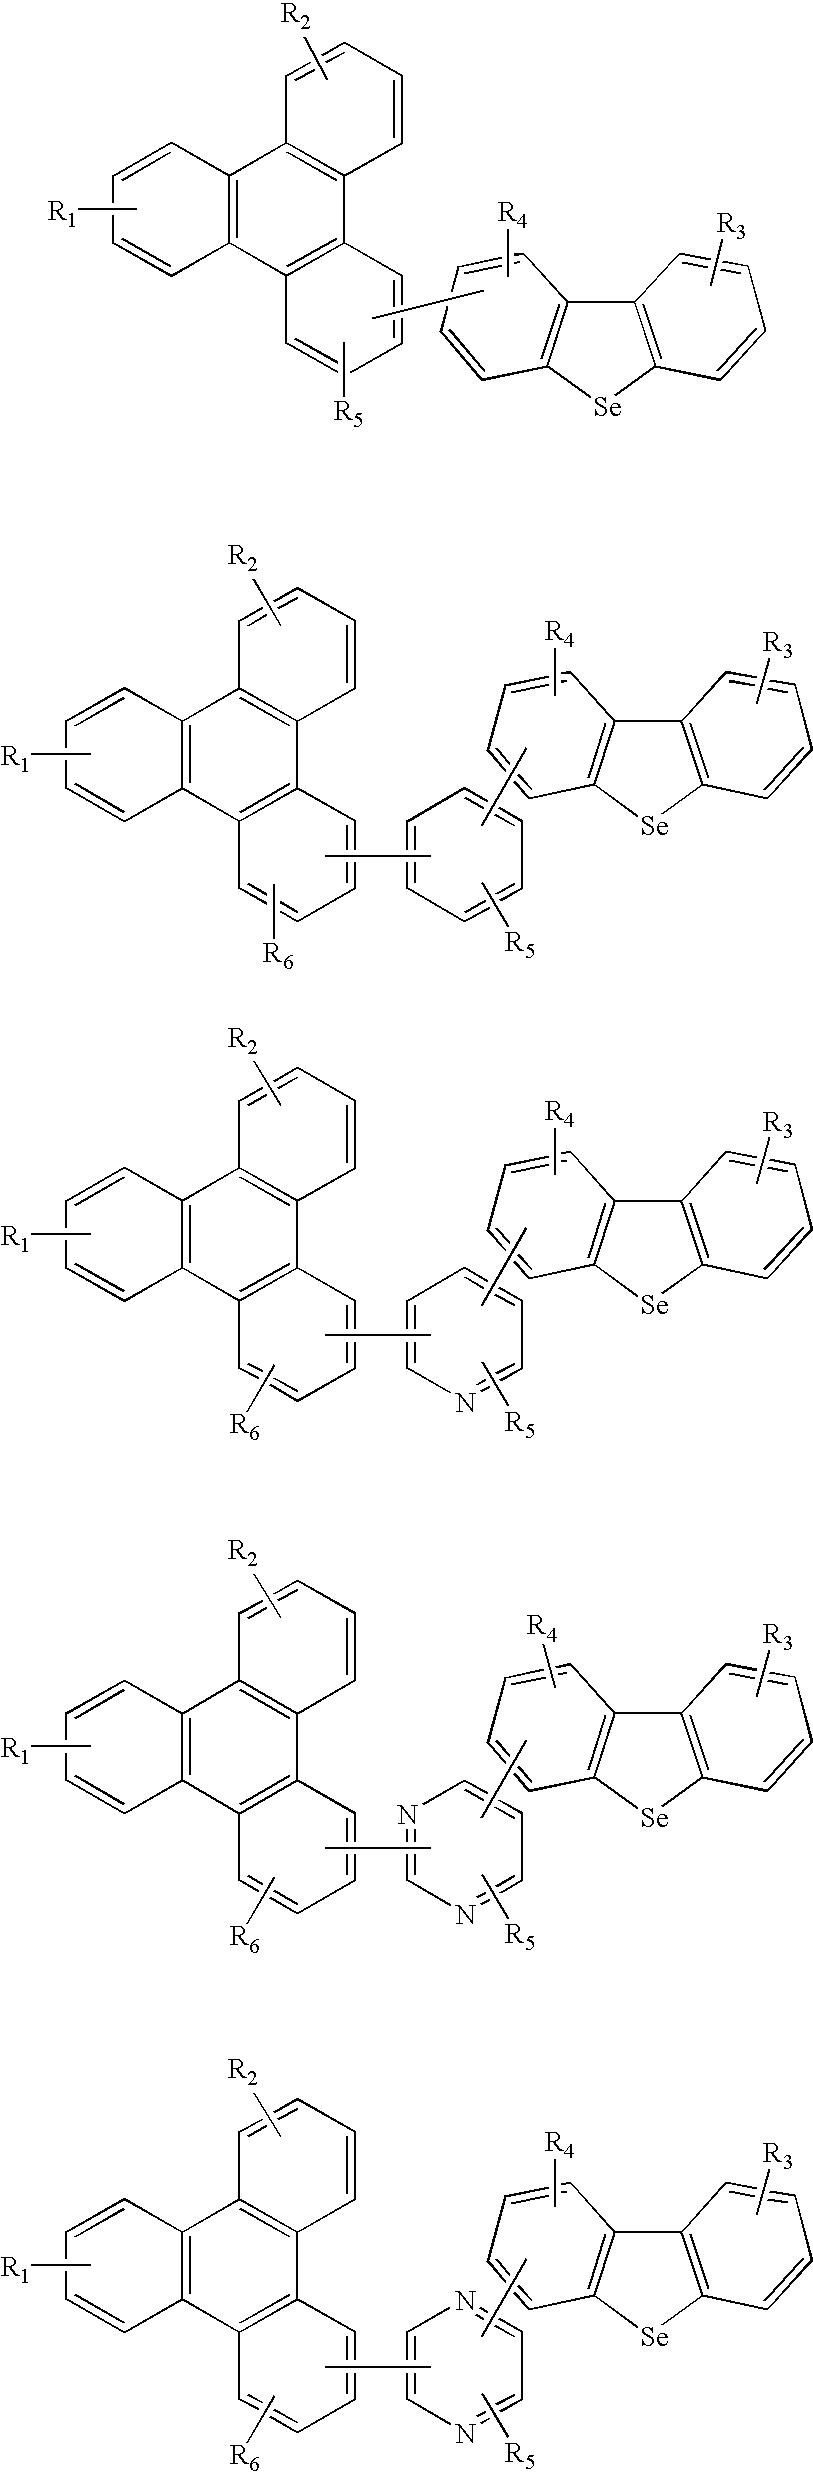 Figure US20100072887A1-20100325-C00195